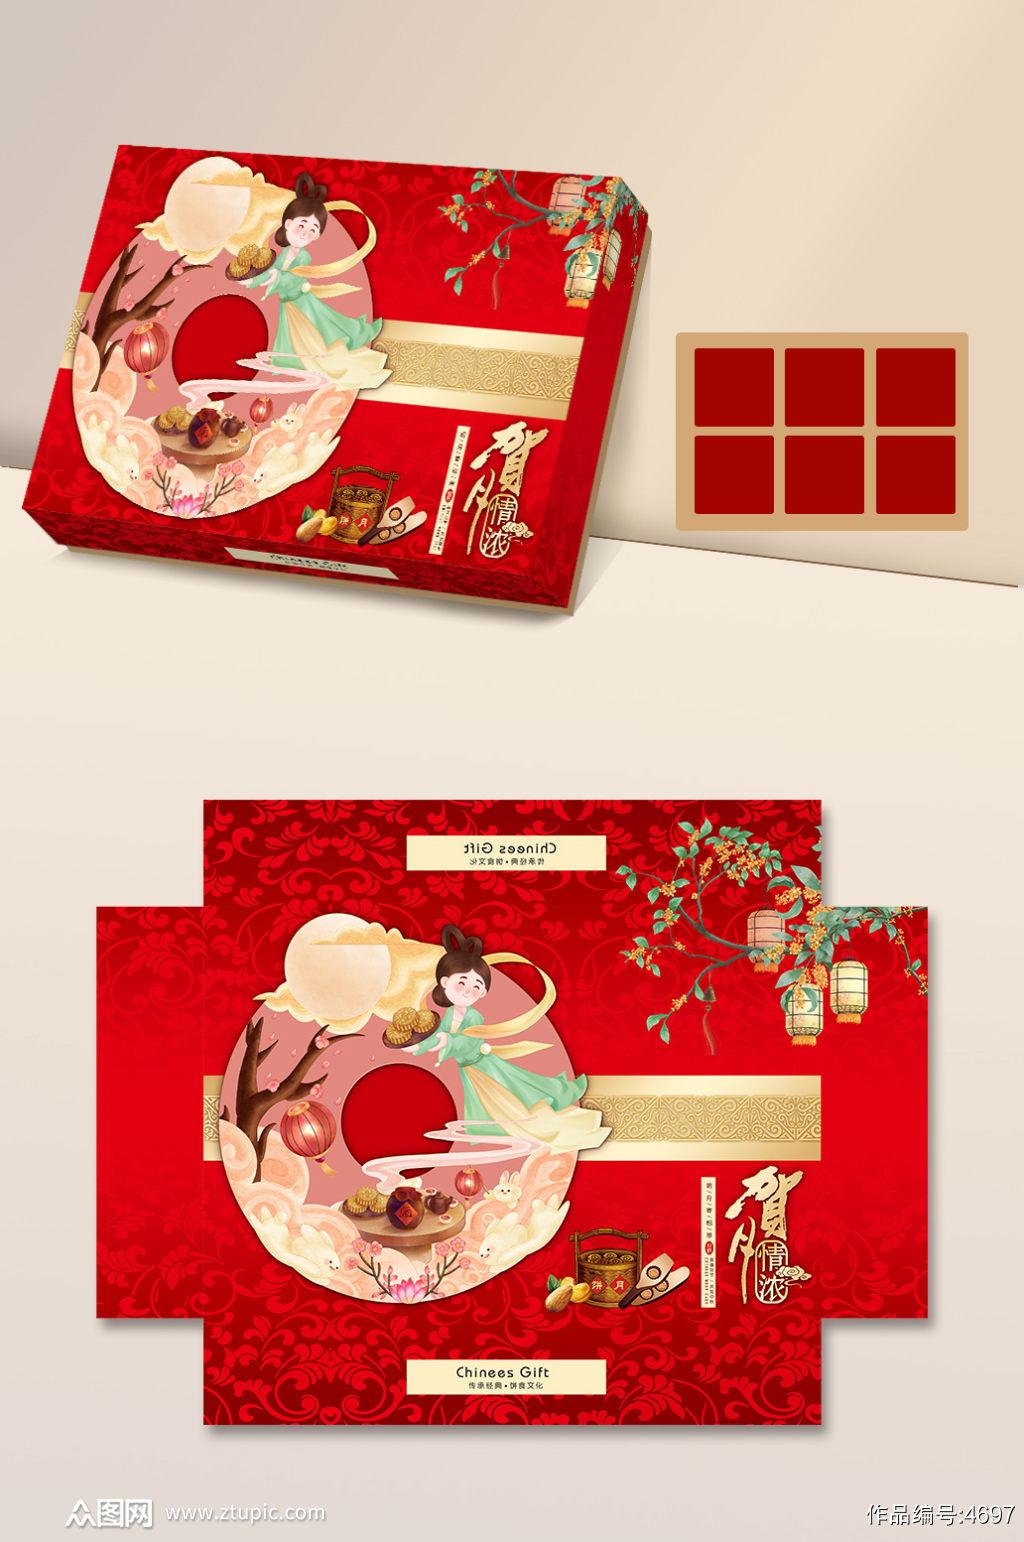 原创手绘插画中秋节月饼礼盒包装设计素材